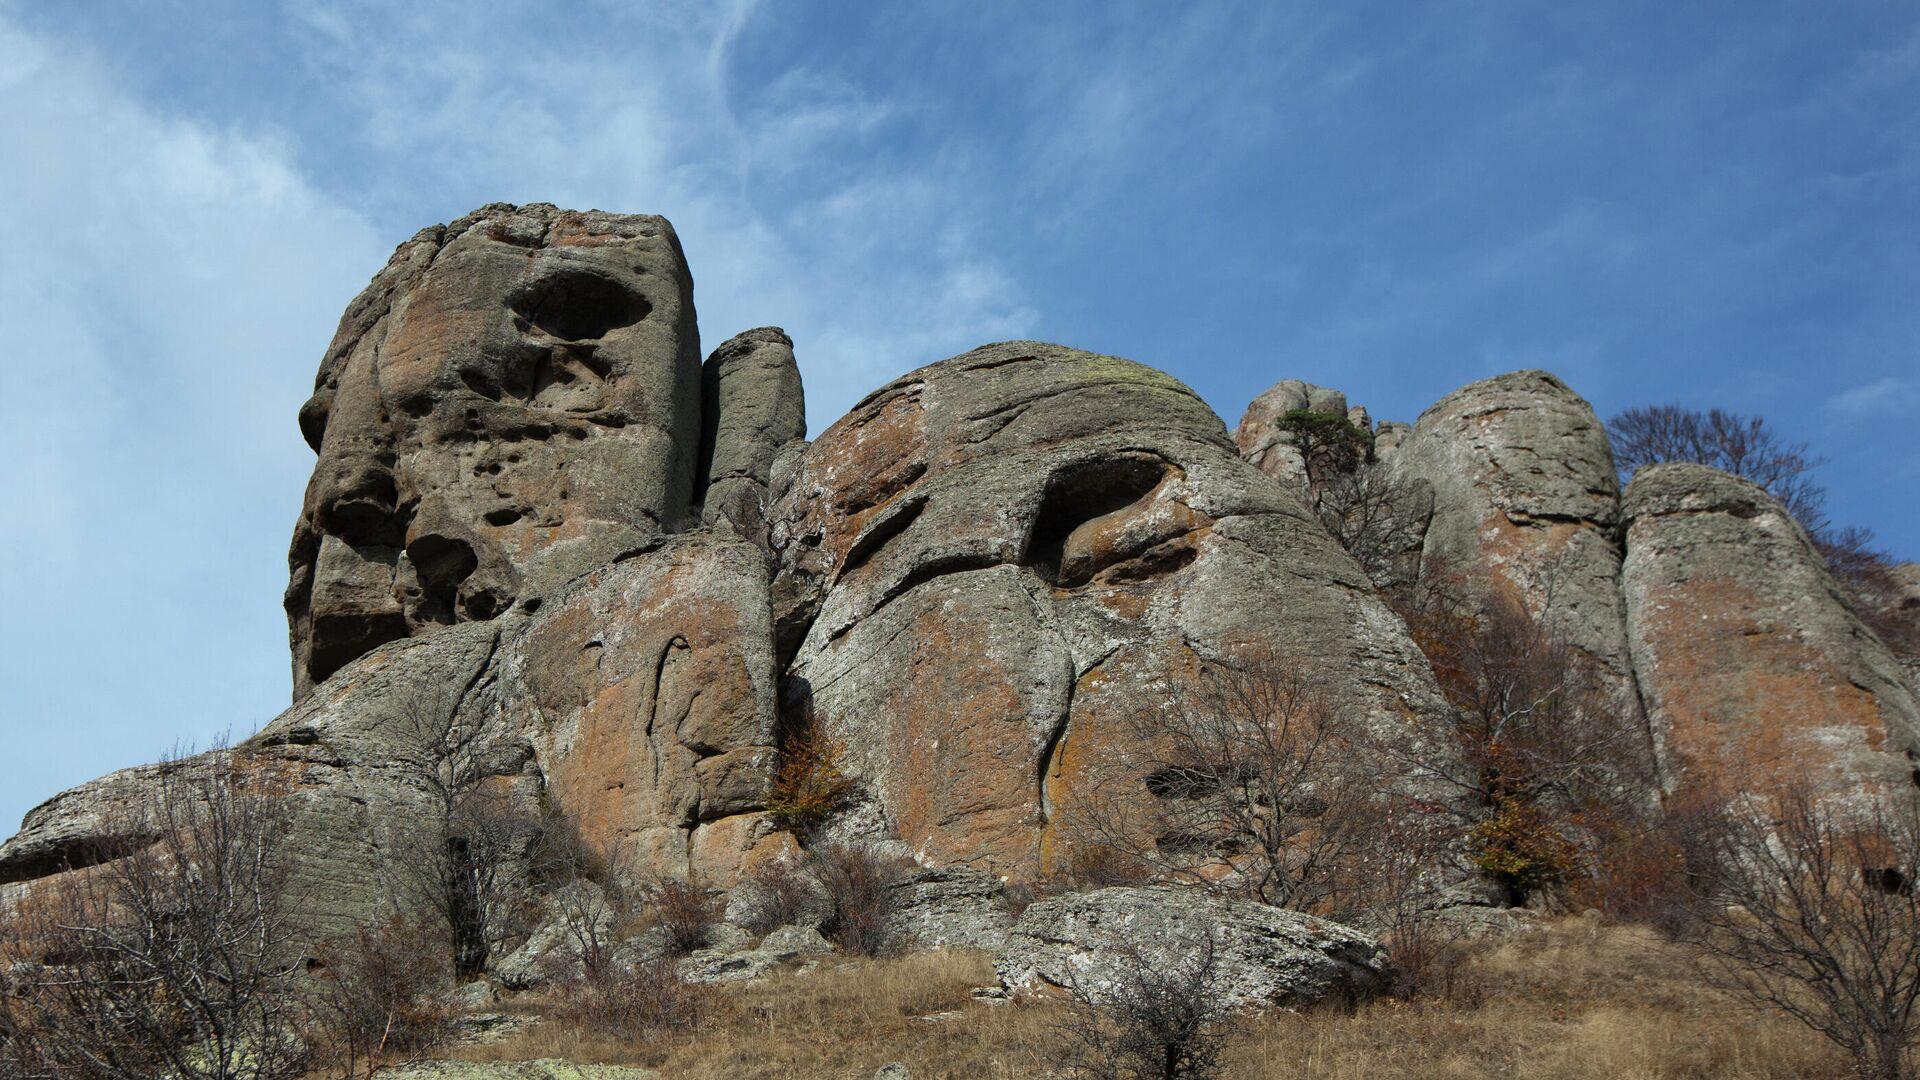 Скала Голова Екатерины над южным склоном горы Демерджи в Крыму. - РИА Новости, 1920, 23.10.2020